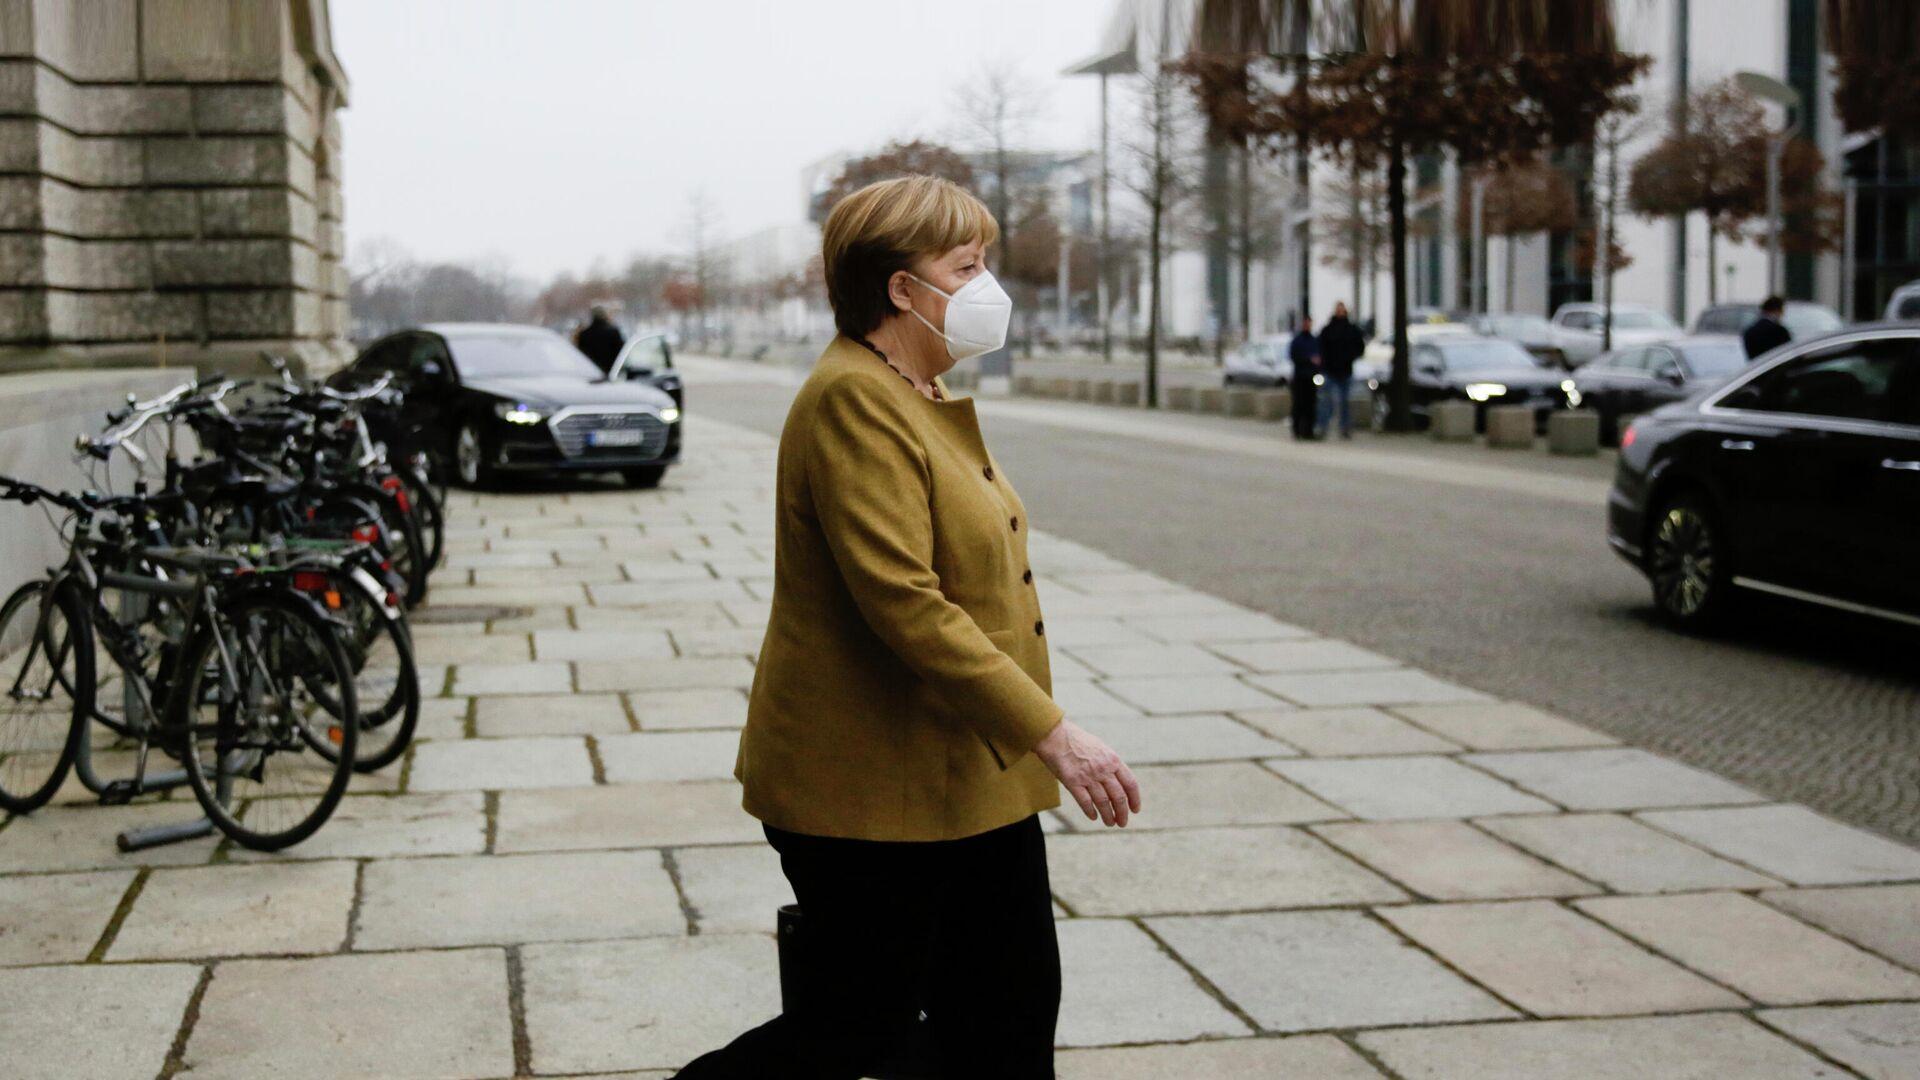 Канцлер Германии Ангела Меркель выходит из здания парламента в Берлине  - РИА Новости, 1920, 21.04.2021